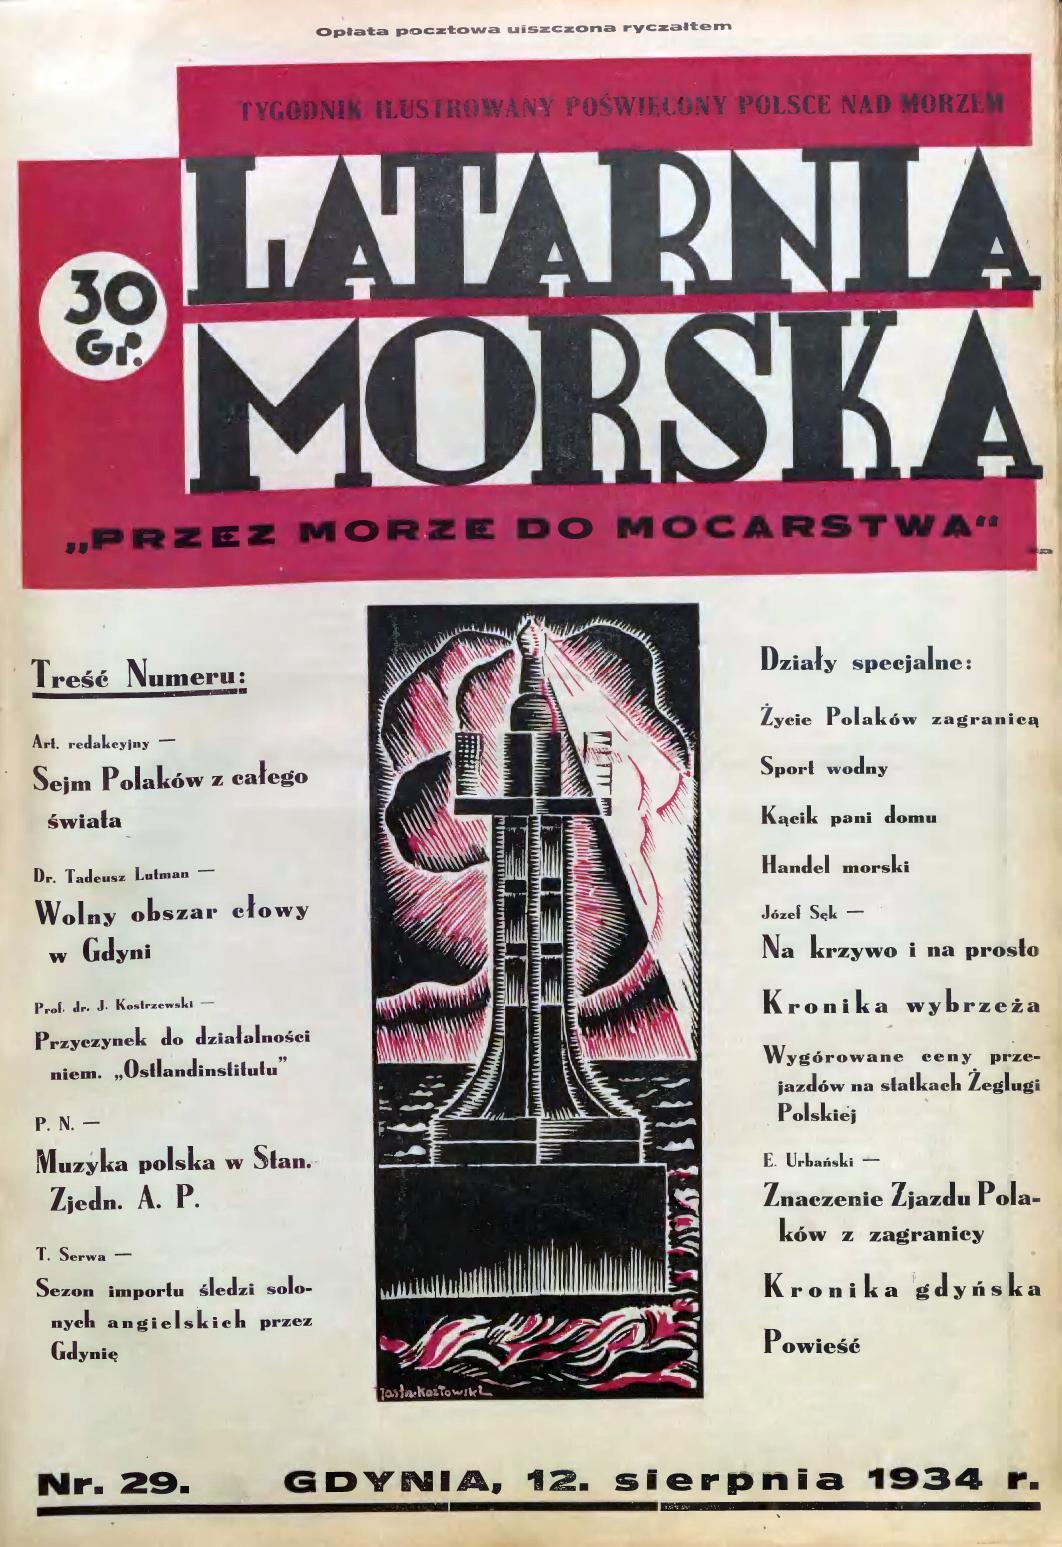 Latarnia Morska: tygodnik ilustrowany poświęcony Polsce nad morzem. – Gdynia : Balto Polak – Zakłady Graficzne i Wydawnicze, 1934, nr 29